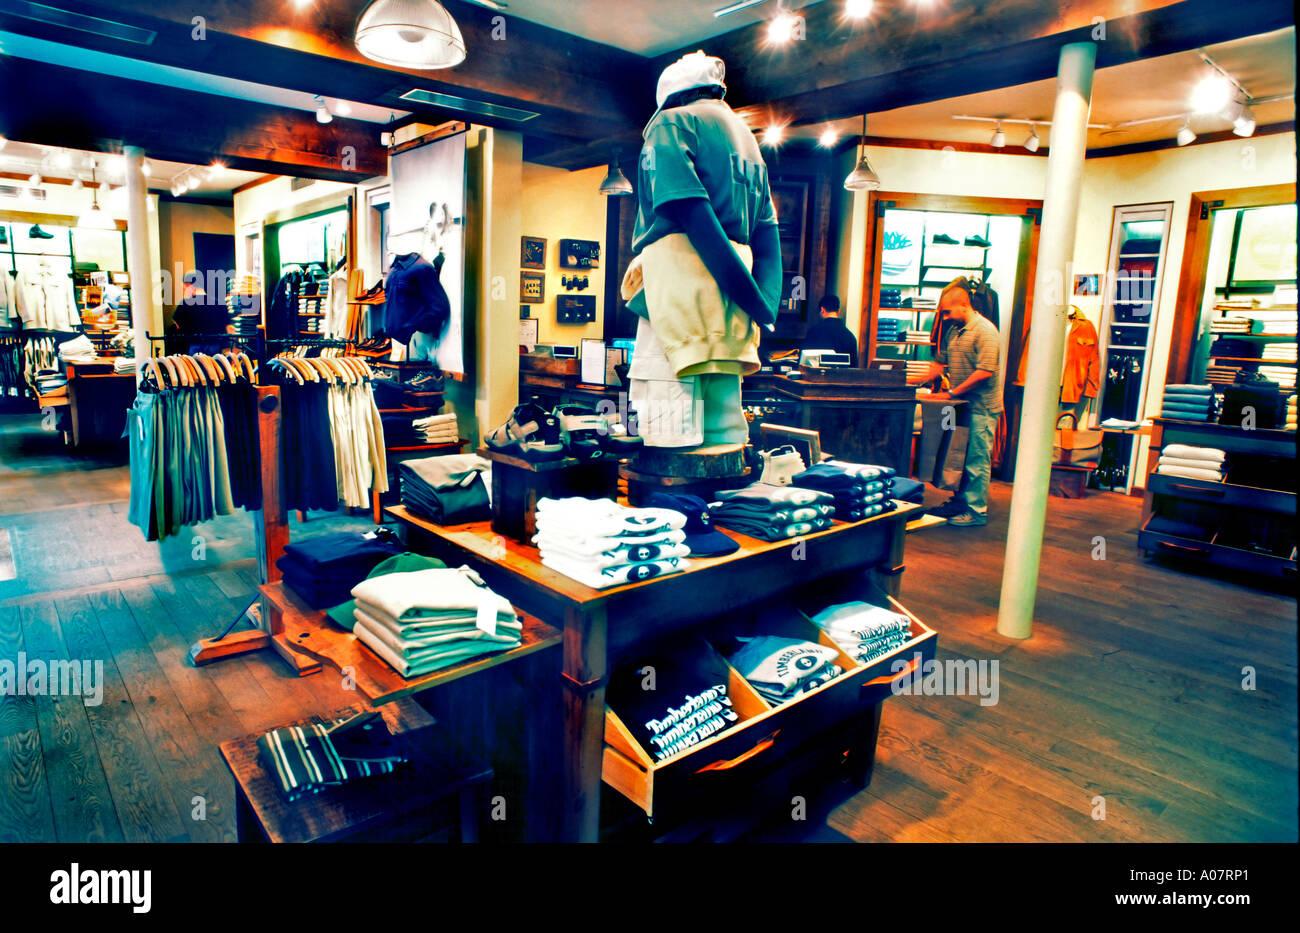 WaterRower Slovenija  Sporting Goods Store  Interior